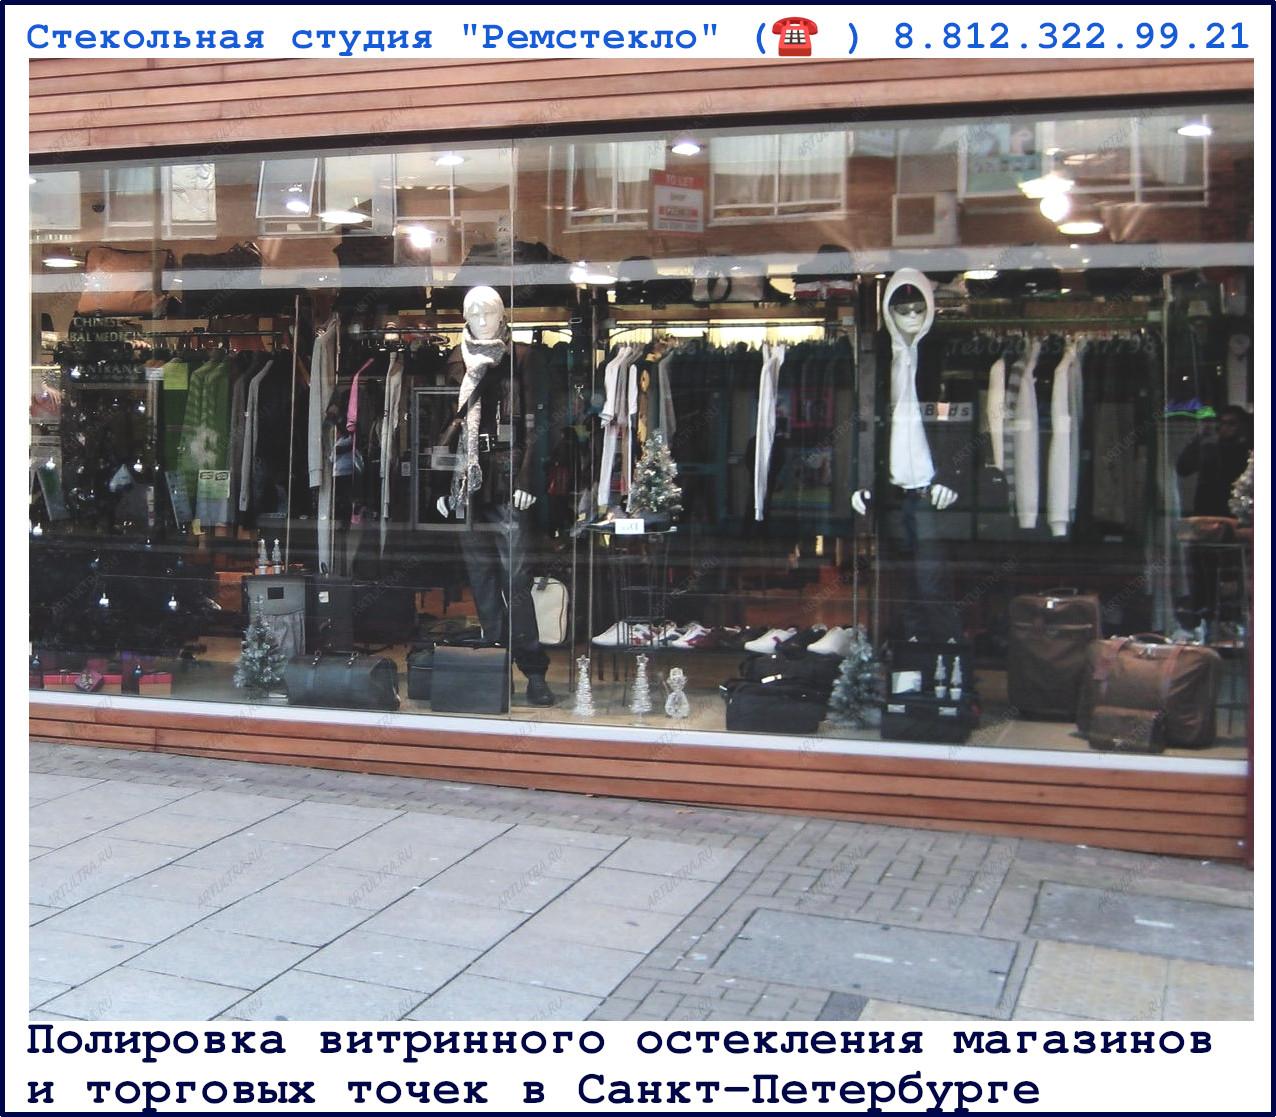 Шлифовка и полировка витрин магазинов